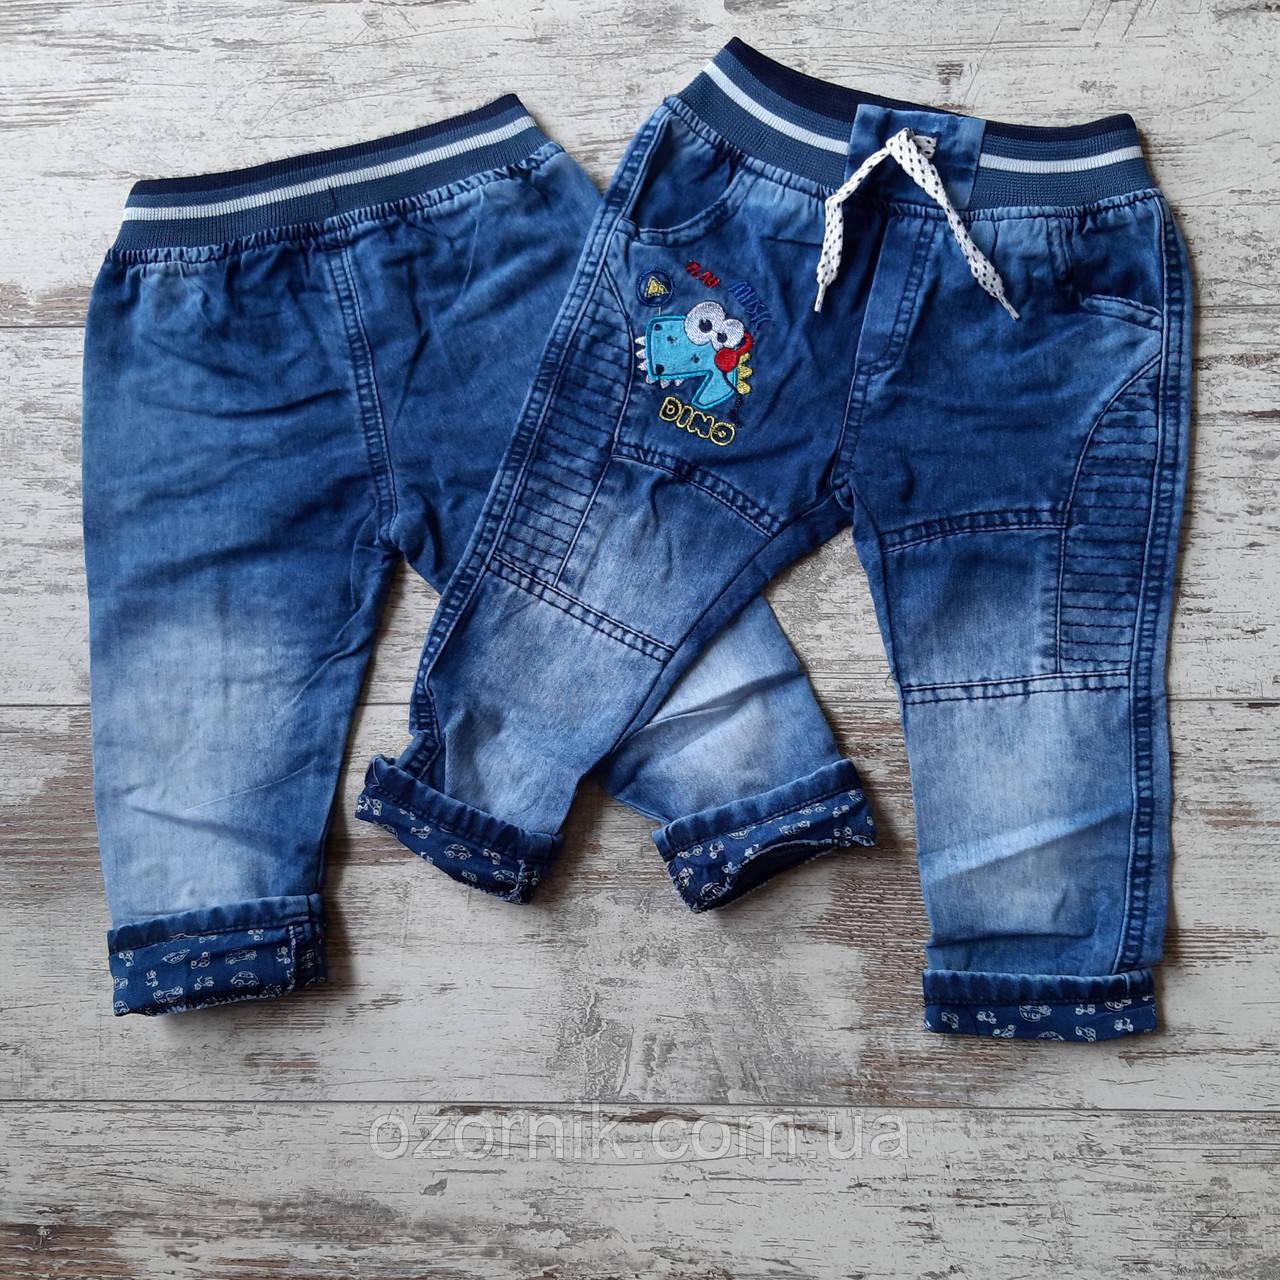 Оптом Красивые Детские Джинсы на Малышей 6-12 месяцев Турция